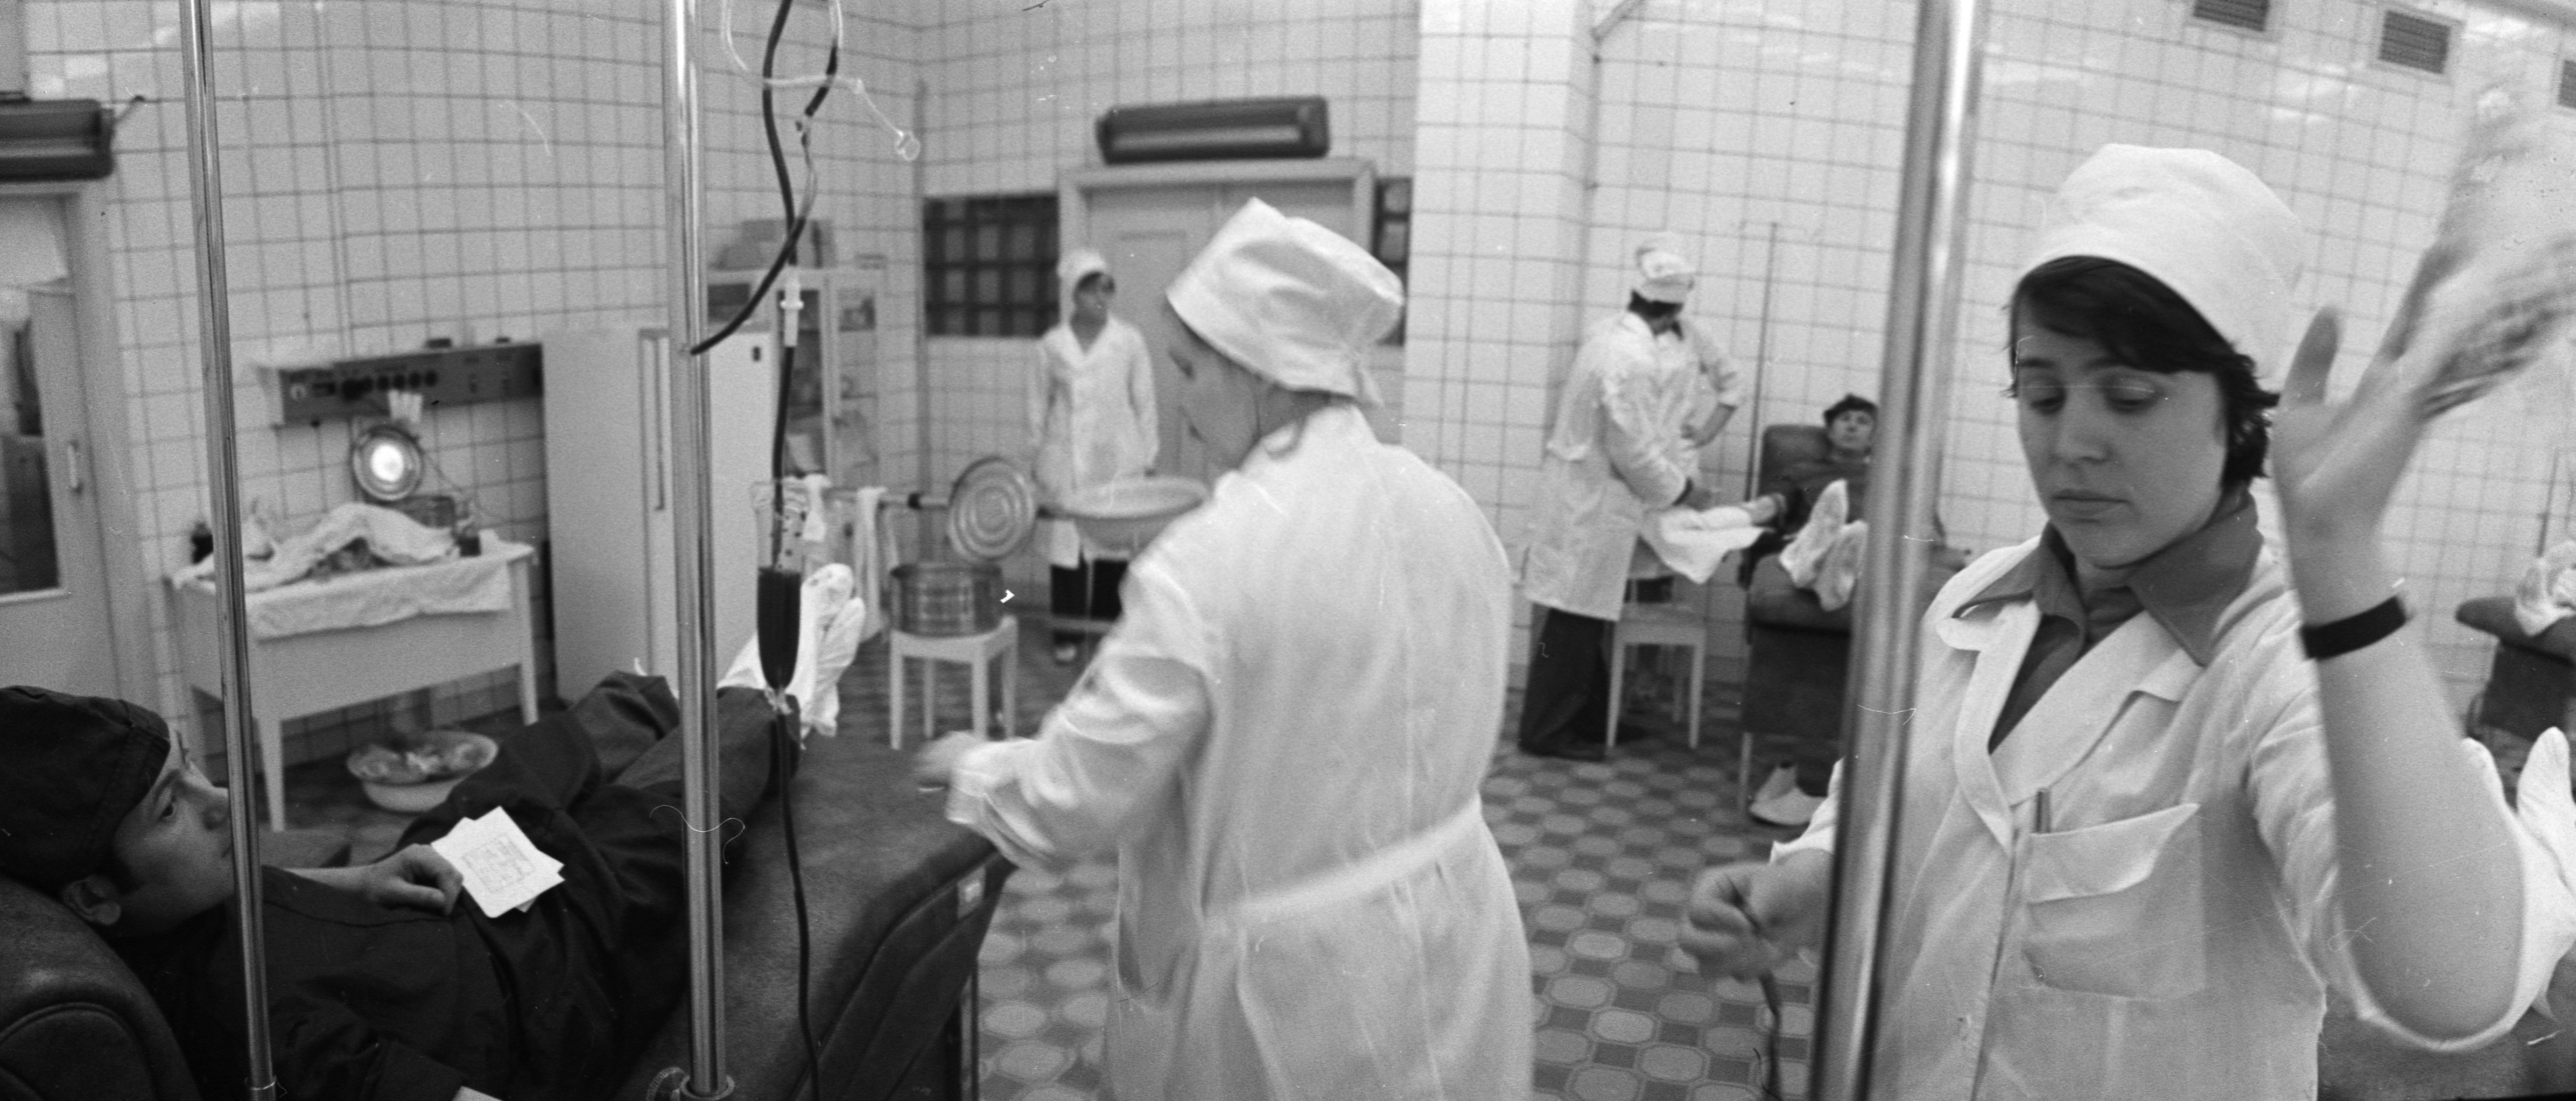 В советские времена сотрудникам больницы приходилось заготавливать кровь, выезжая в районные больницы и фапы